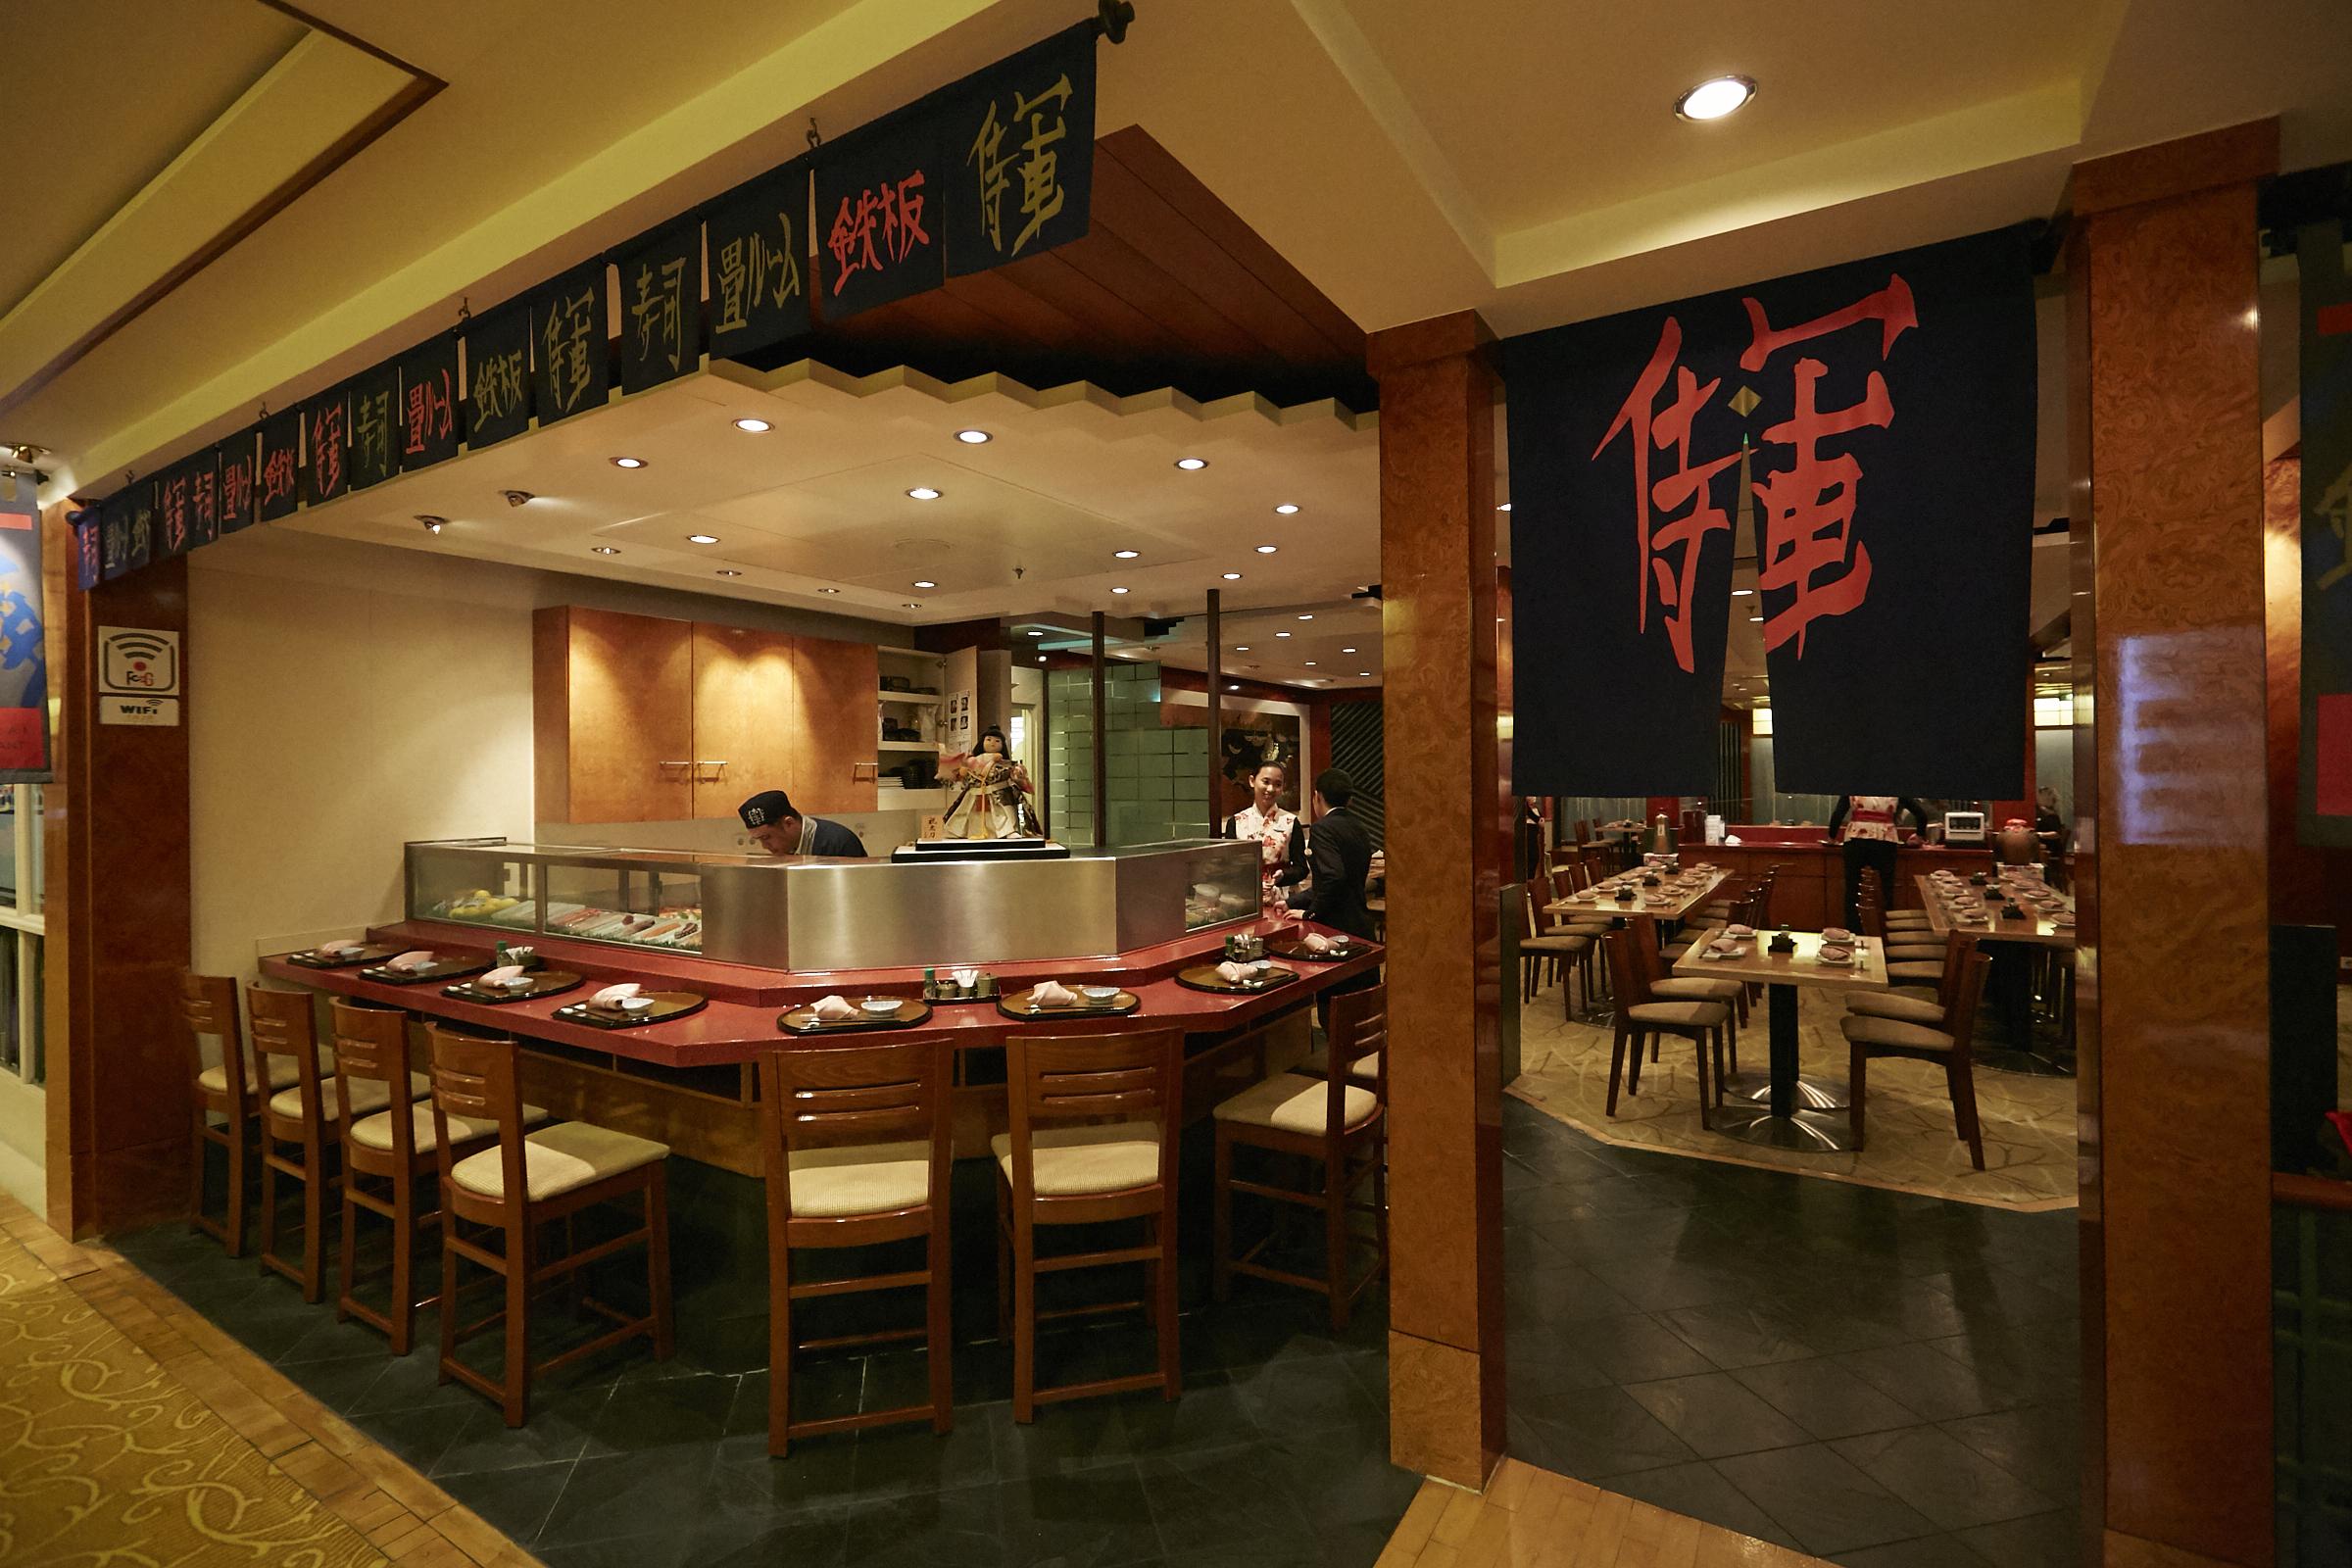 「サムライ」ではパフォーマンスが楽しい鉄板焼きや変り種の寿司ロールもご用意しております